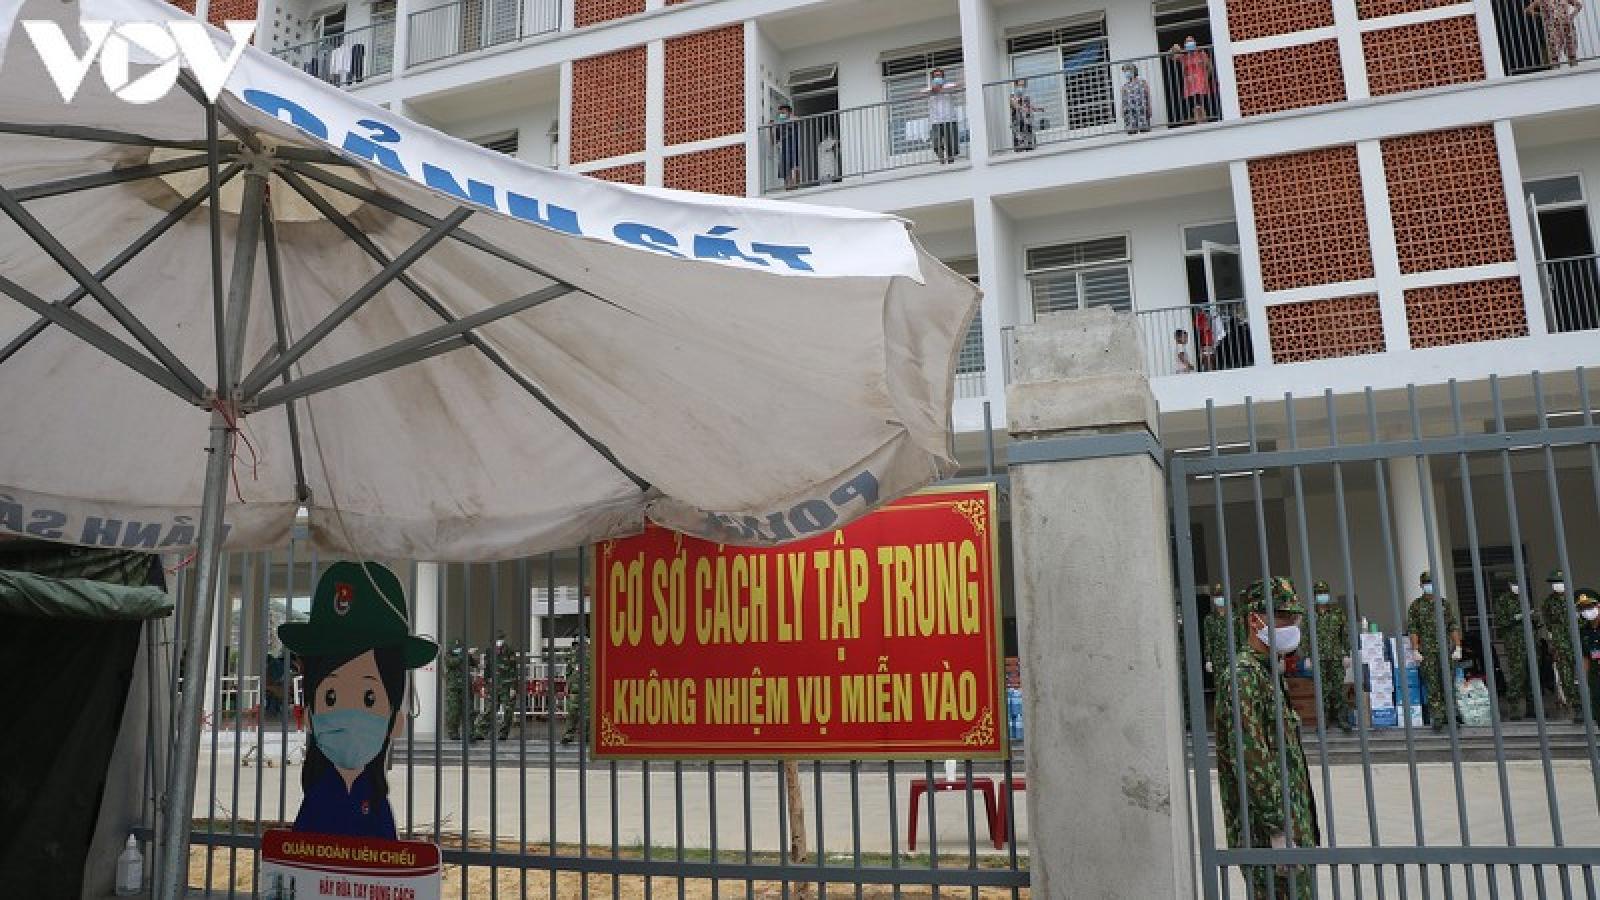 Đà Nẵng đề nghị thi tốt nghiệp THPT đợt 2 cùng các địa phương